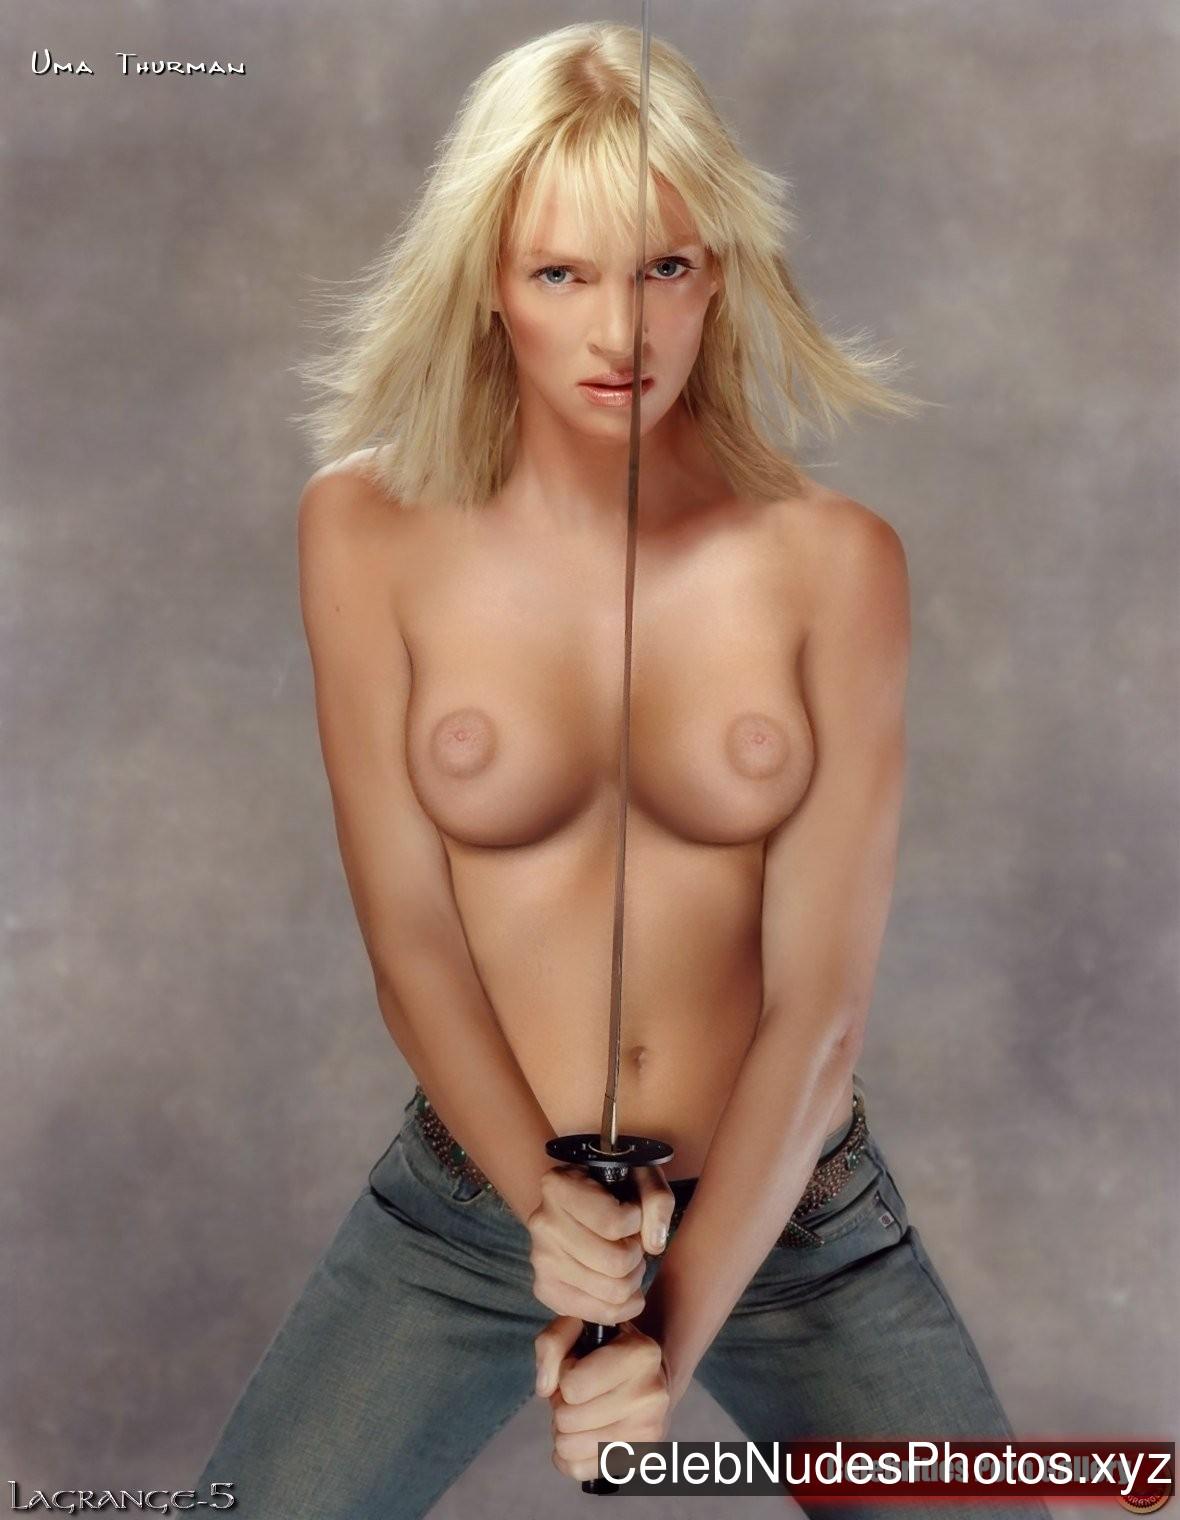 Uma Thurman Best Celebrity Nude sexy 8